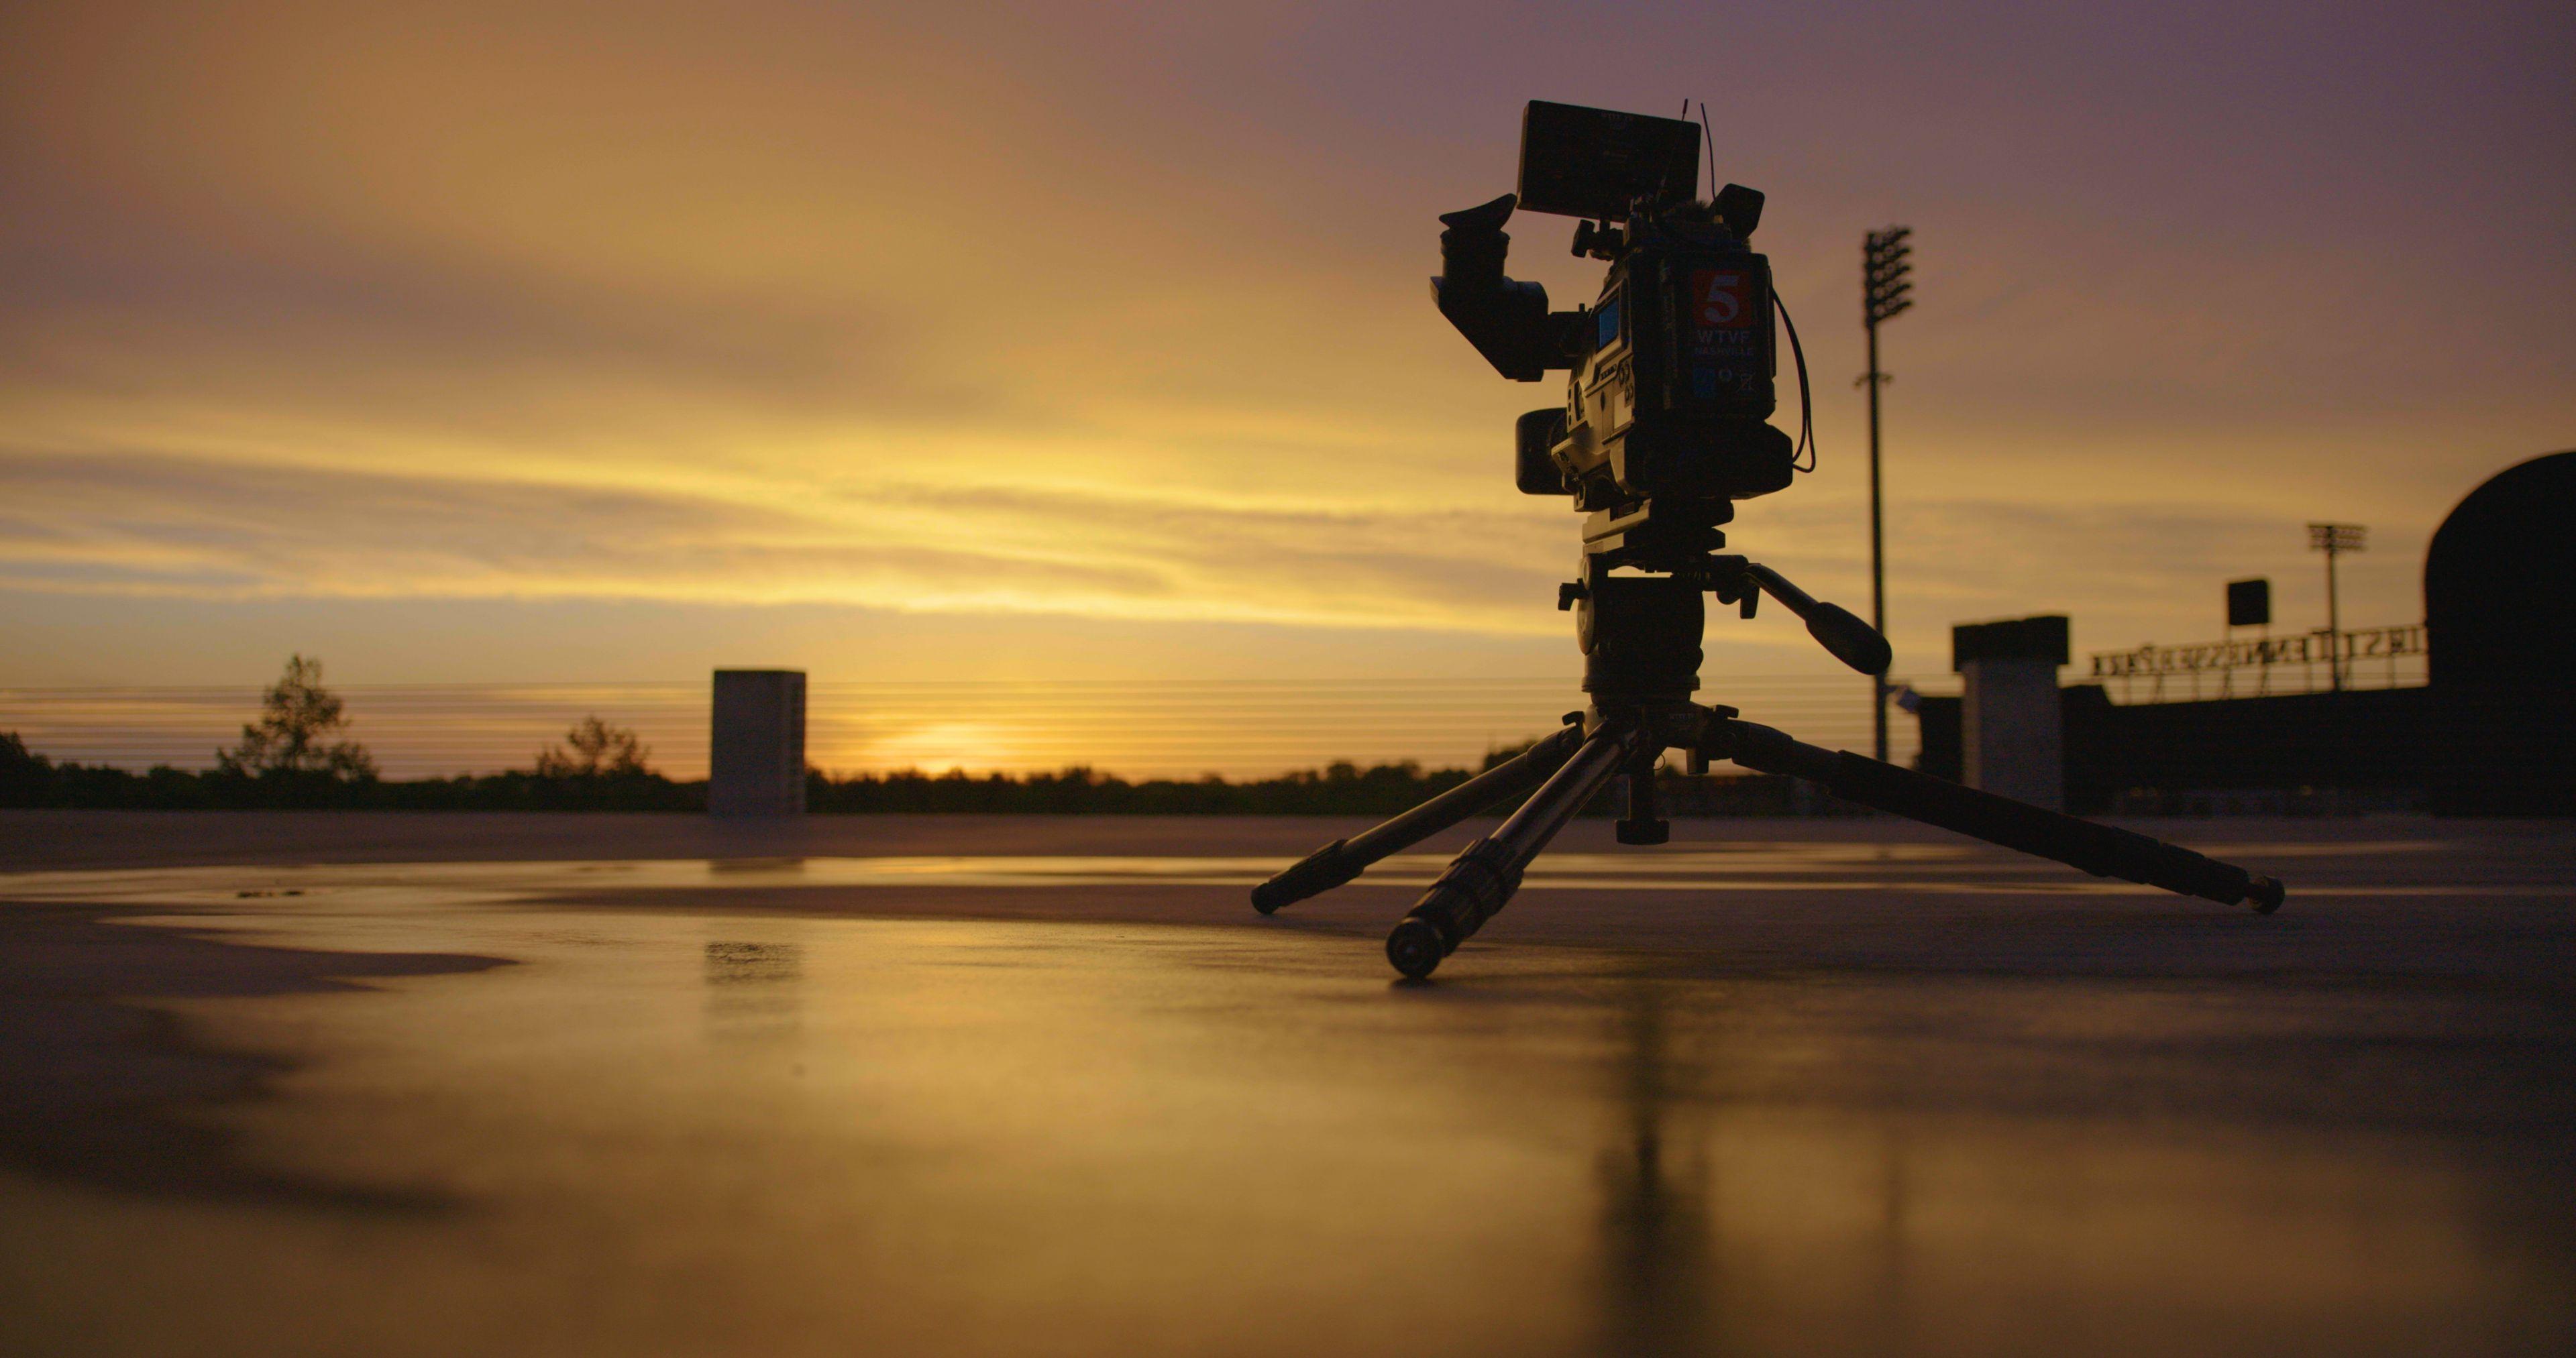 A Panasonic EVA1 Camera Review - A Shooter's Camera